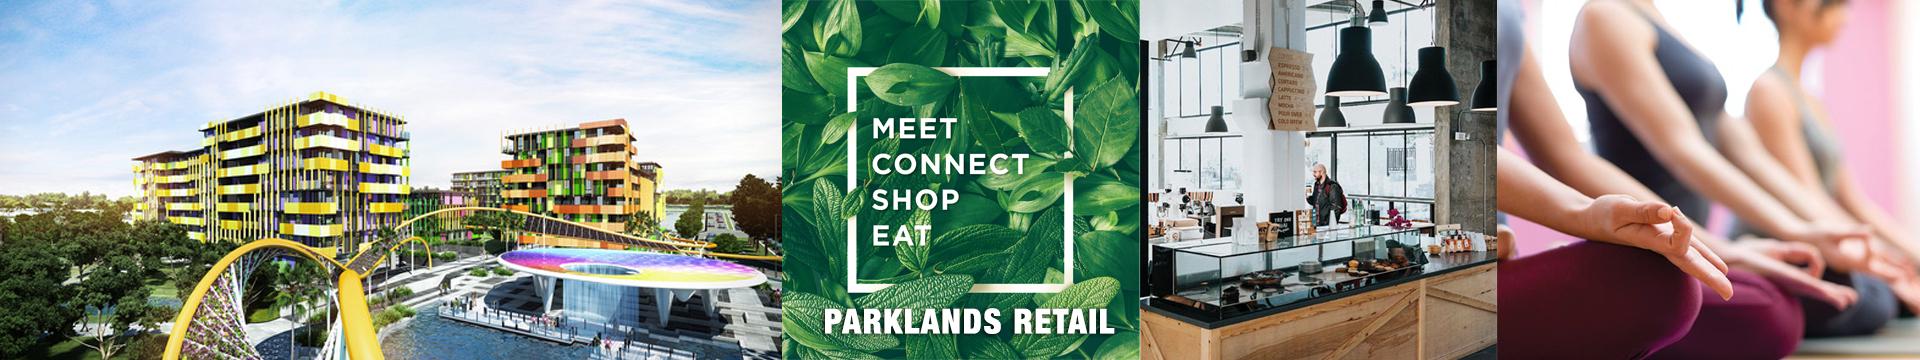 parklands-banner